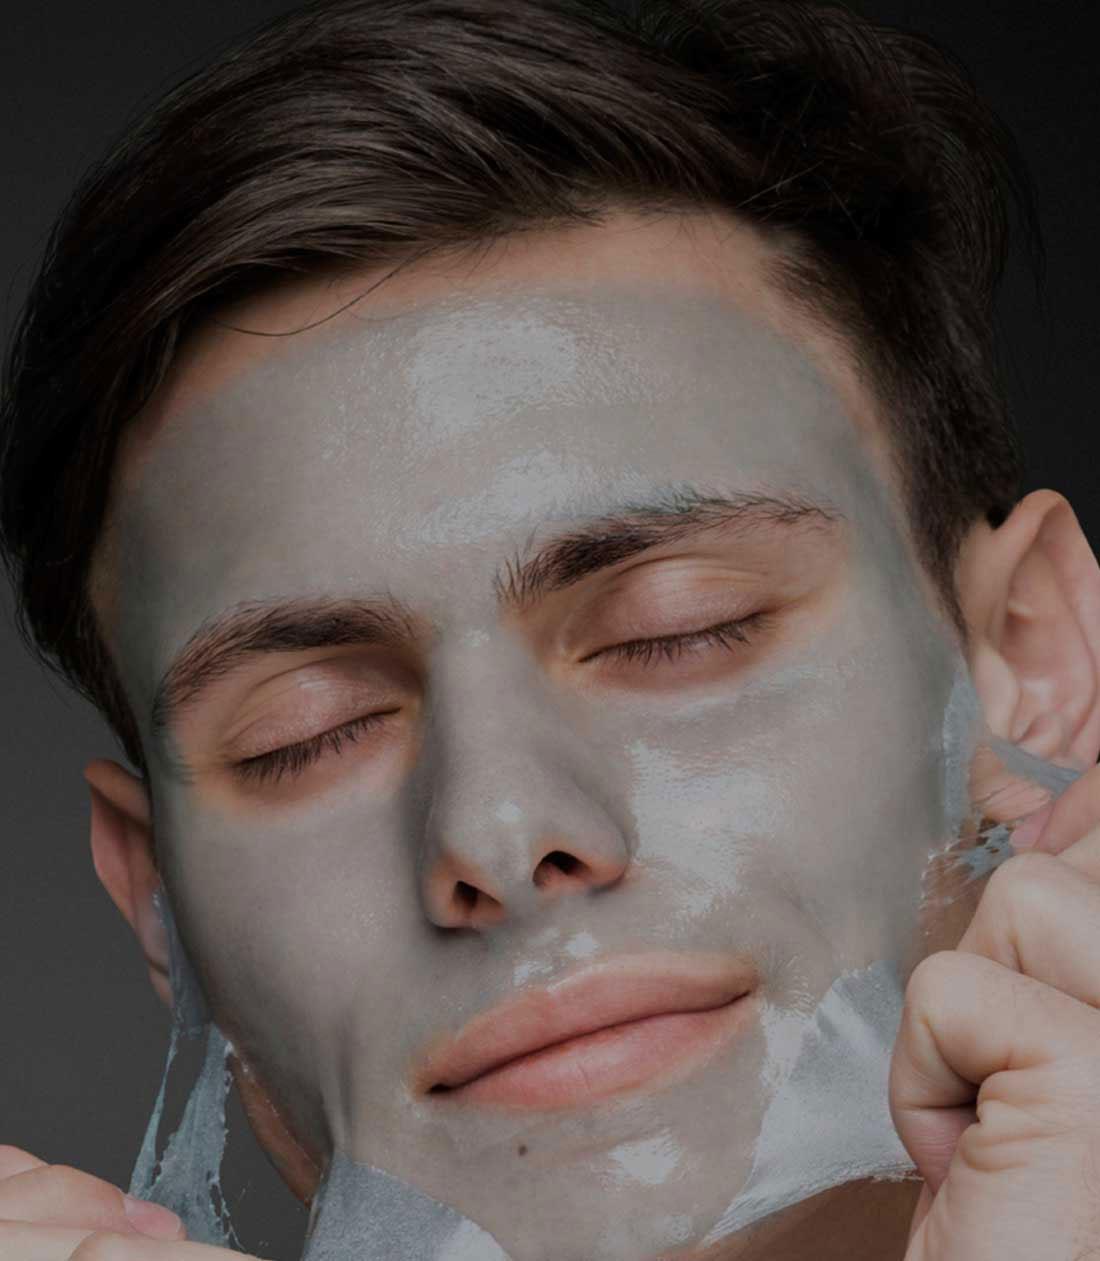 Kosmetisk behandling skønhedsklinik København